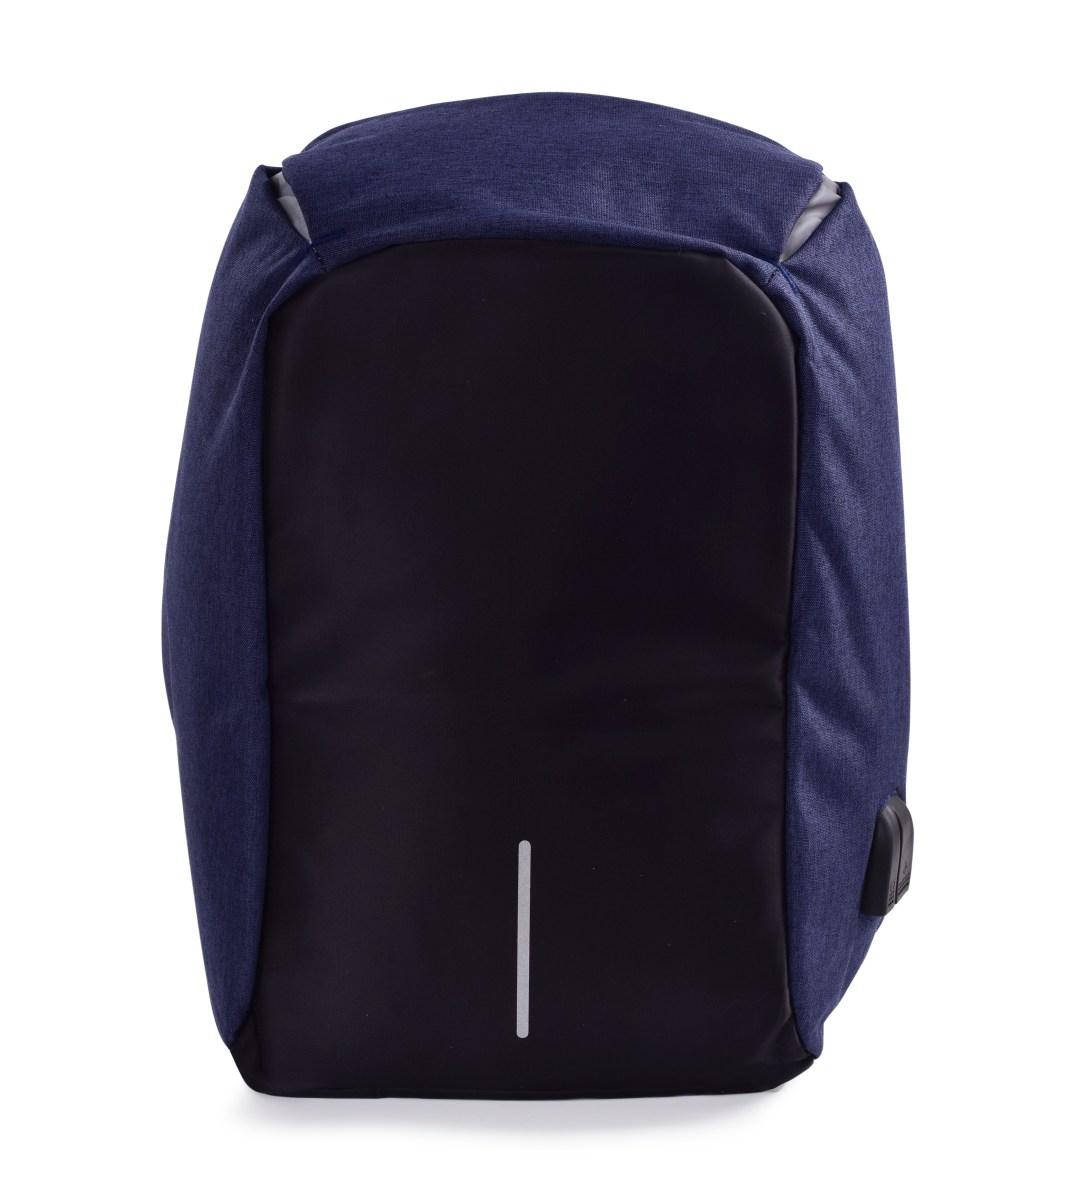 TRAVEL&STUDENT stylový a moderní batoh s USB připojením a výstupem na sluchátka